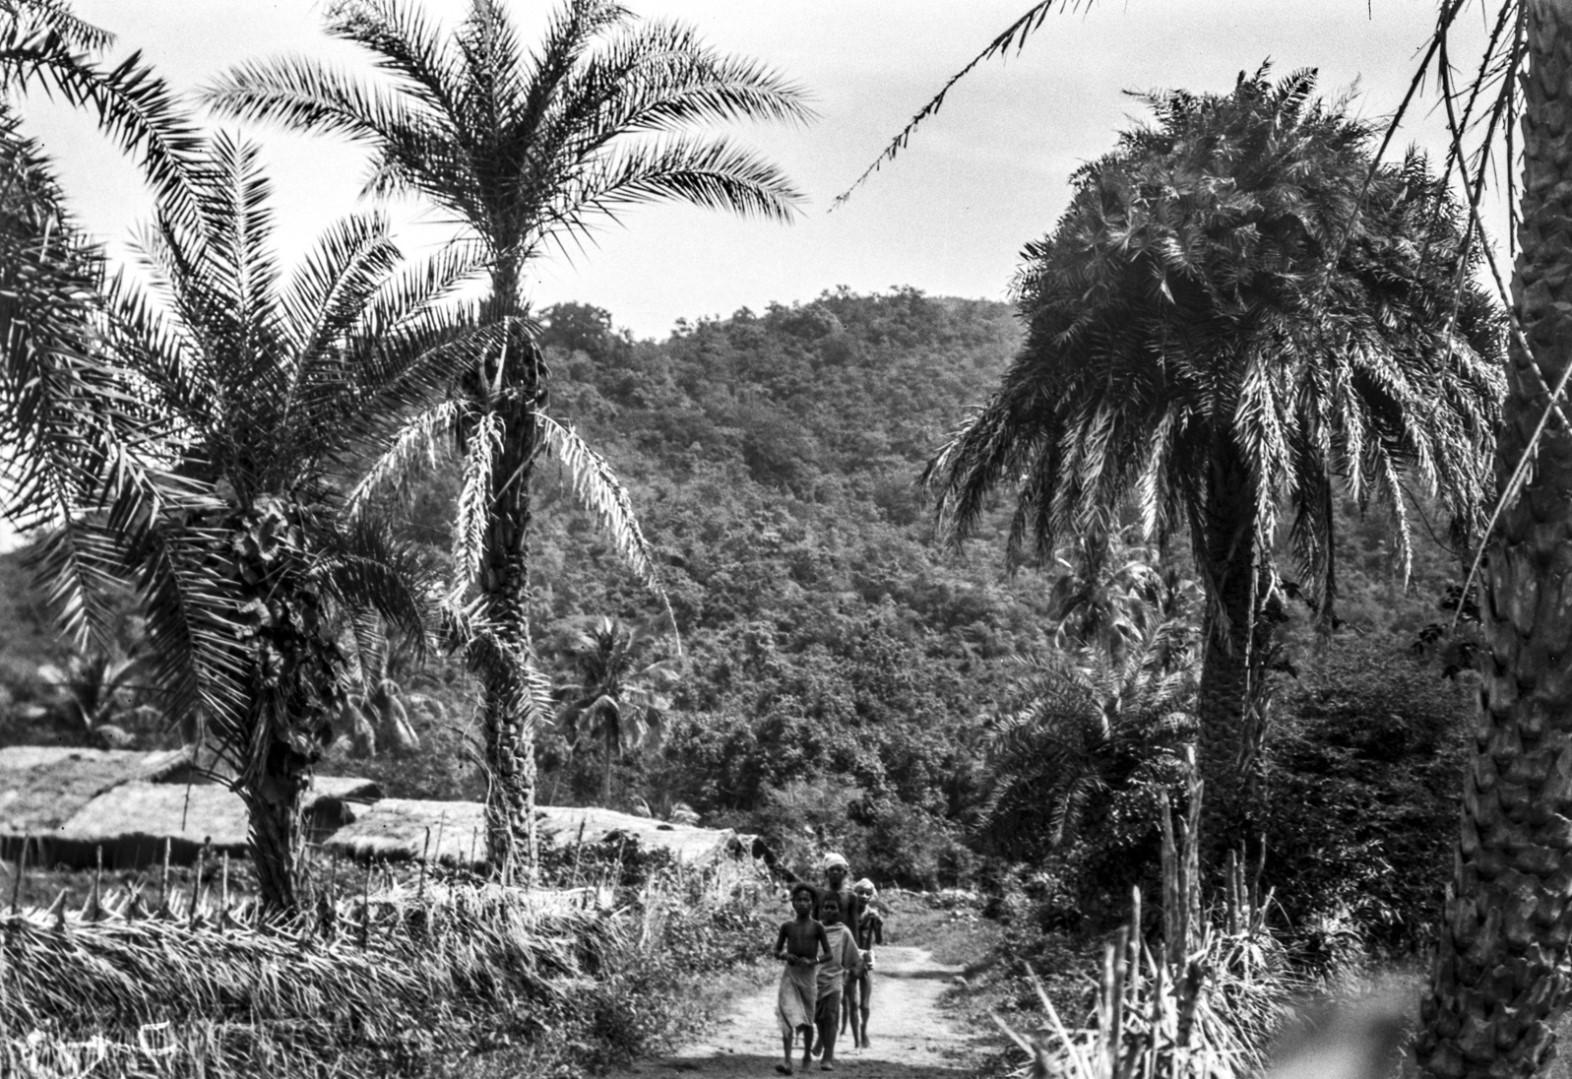 804. Гайба. Вид деревни с улицами и людьми